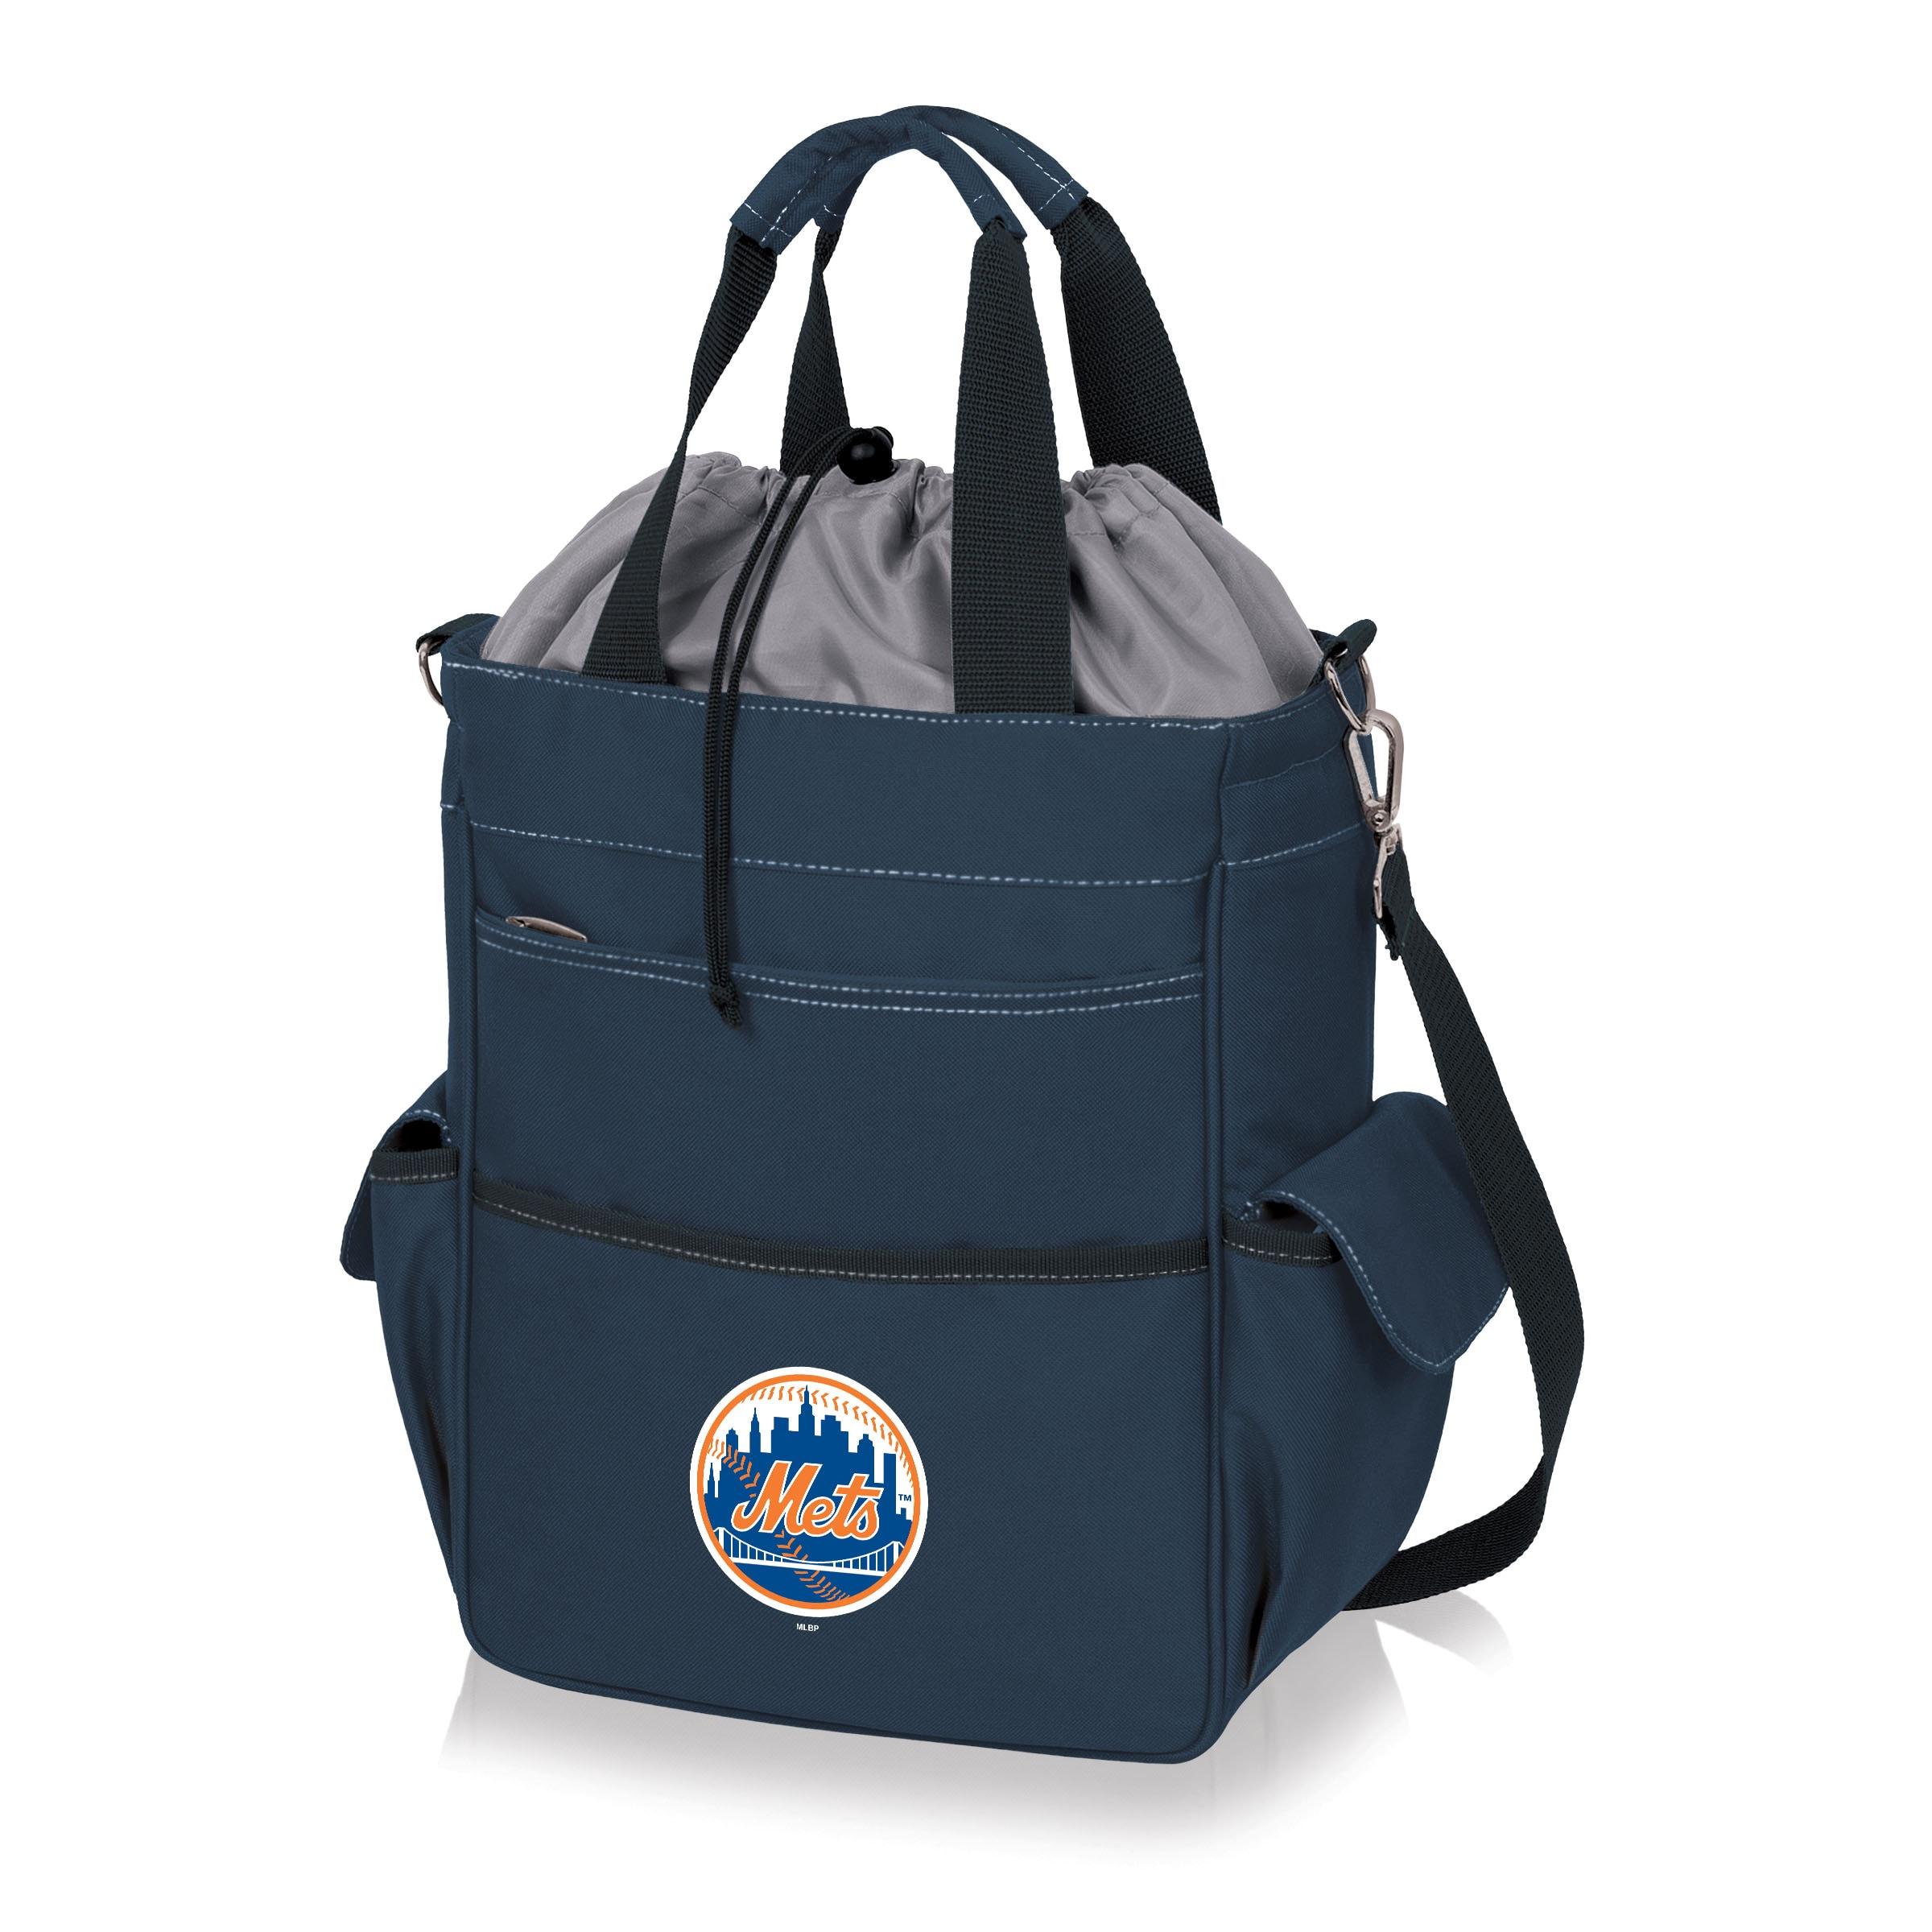 New York Mets Activo Cooler Tote - Navy